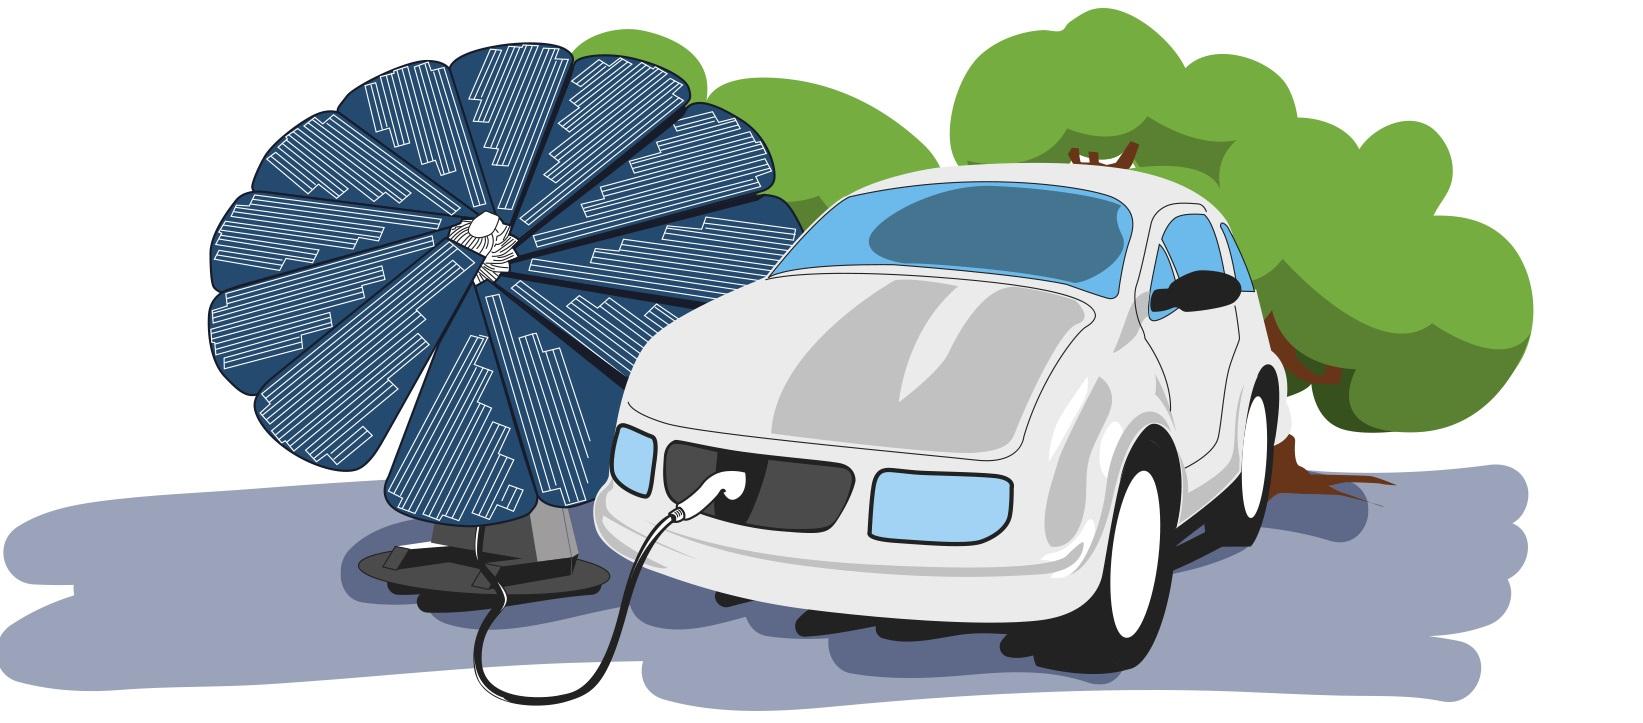 Licitación abierta para el arrendamiento sin opción de compra de un Vehículo Eléctrico para FAEN